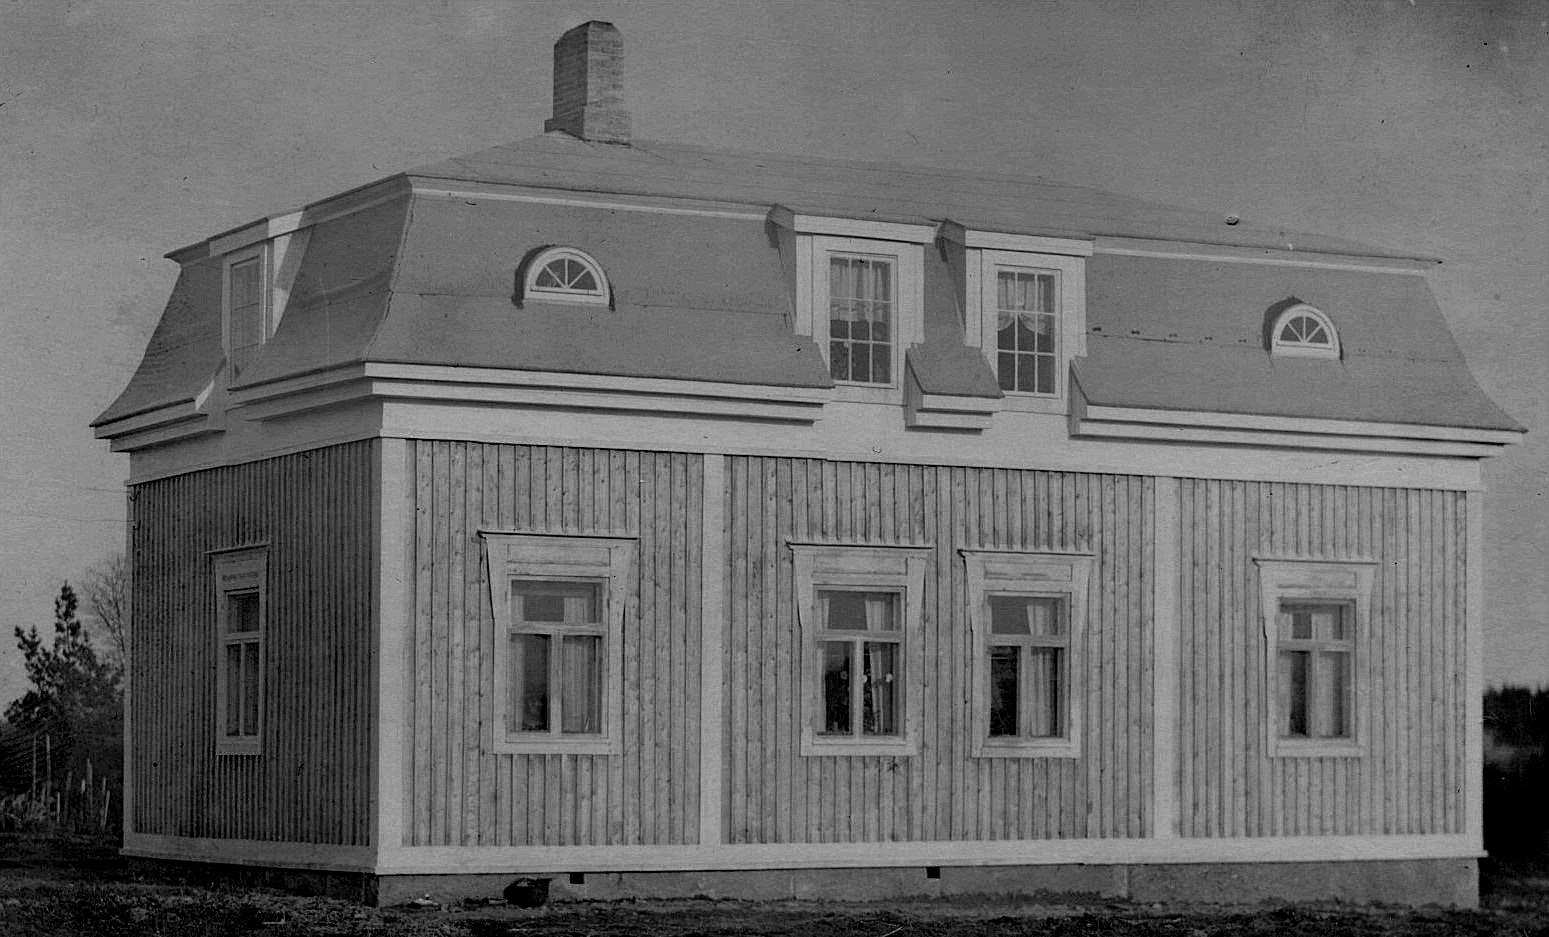 En arkitekt från Närpes gjorde ritningarna till denna gård i slutet på 1920-talet. Huset försågs redan då med centralvärme och innetoalett, den första i Dagsmark. Också på vinden finns det flera rum.